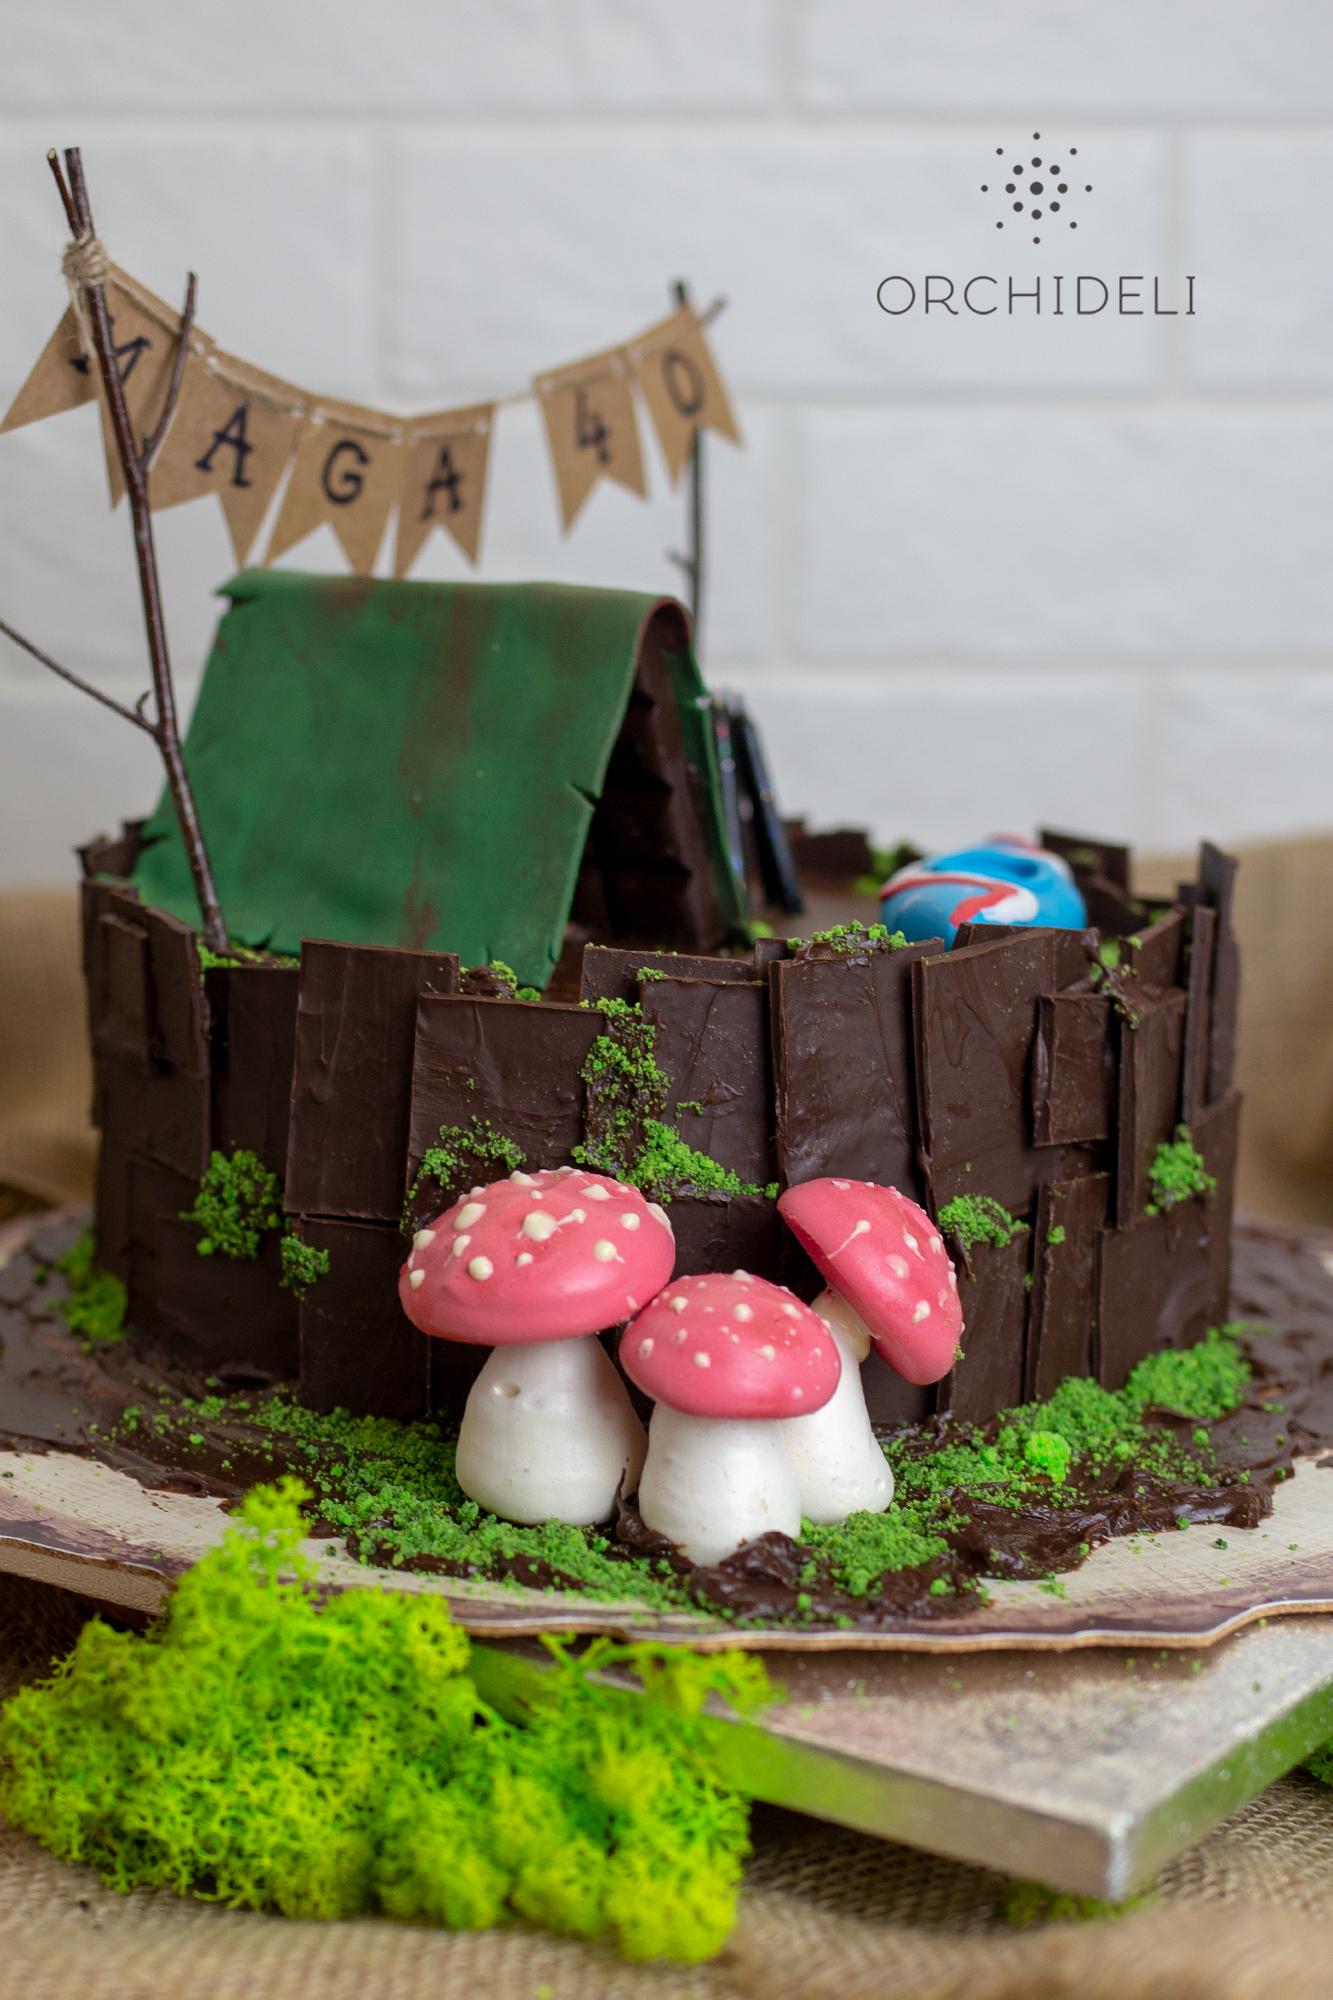 orchideli, Tort czekoladowo-orzechowy, tort z namiotem, tort dla mężczyzny, tort dla dziadka